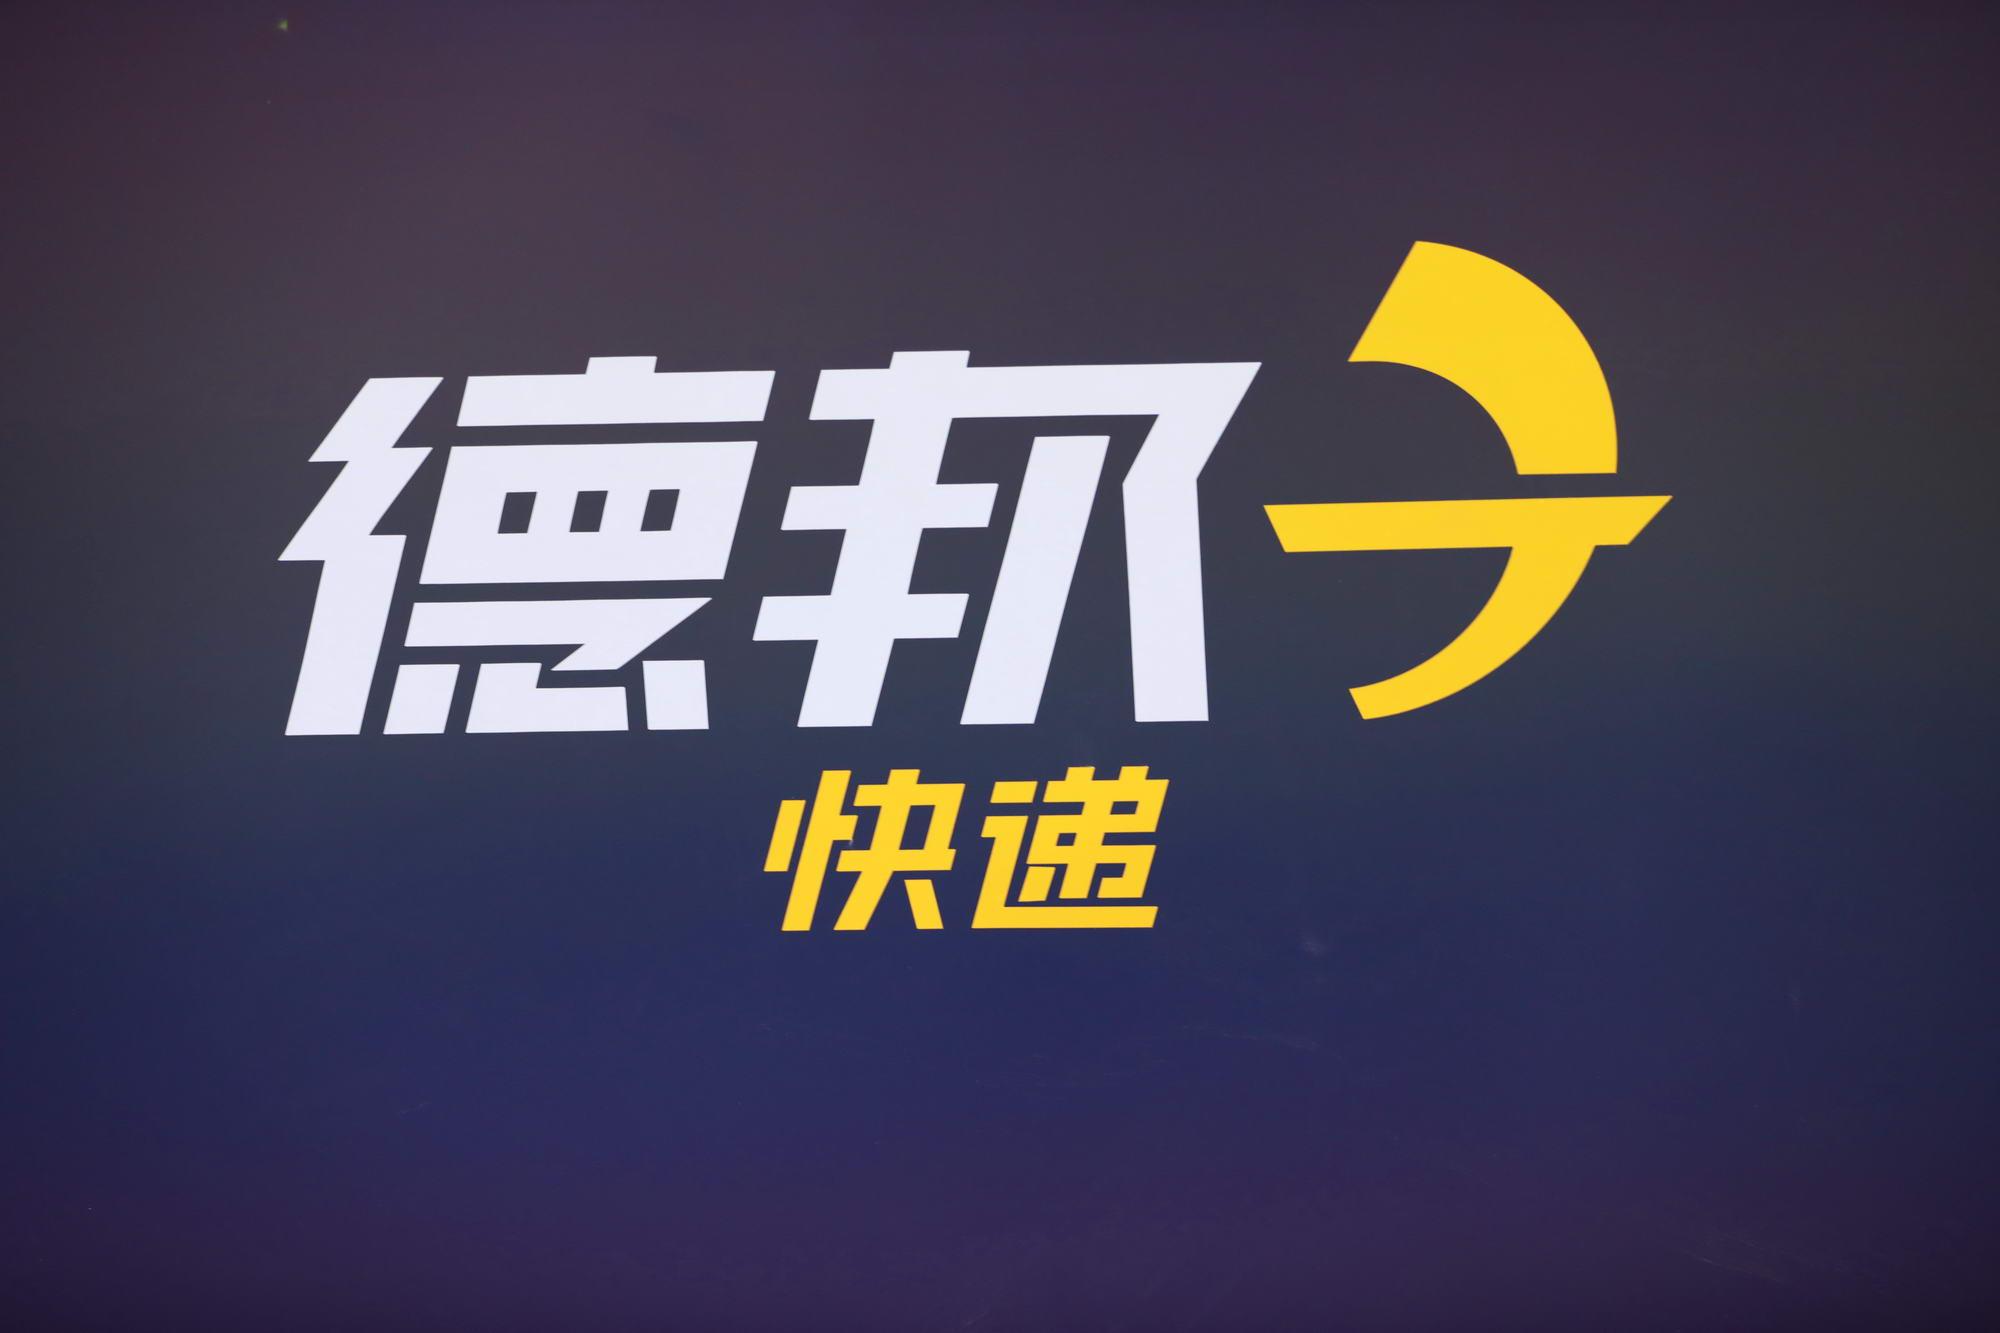 德邦股份称与华为的合作主要涉及云计算和AI领域